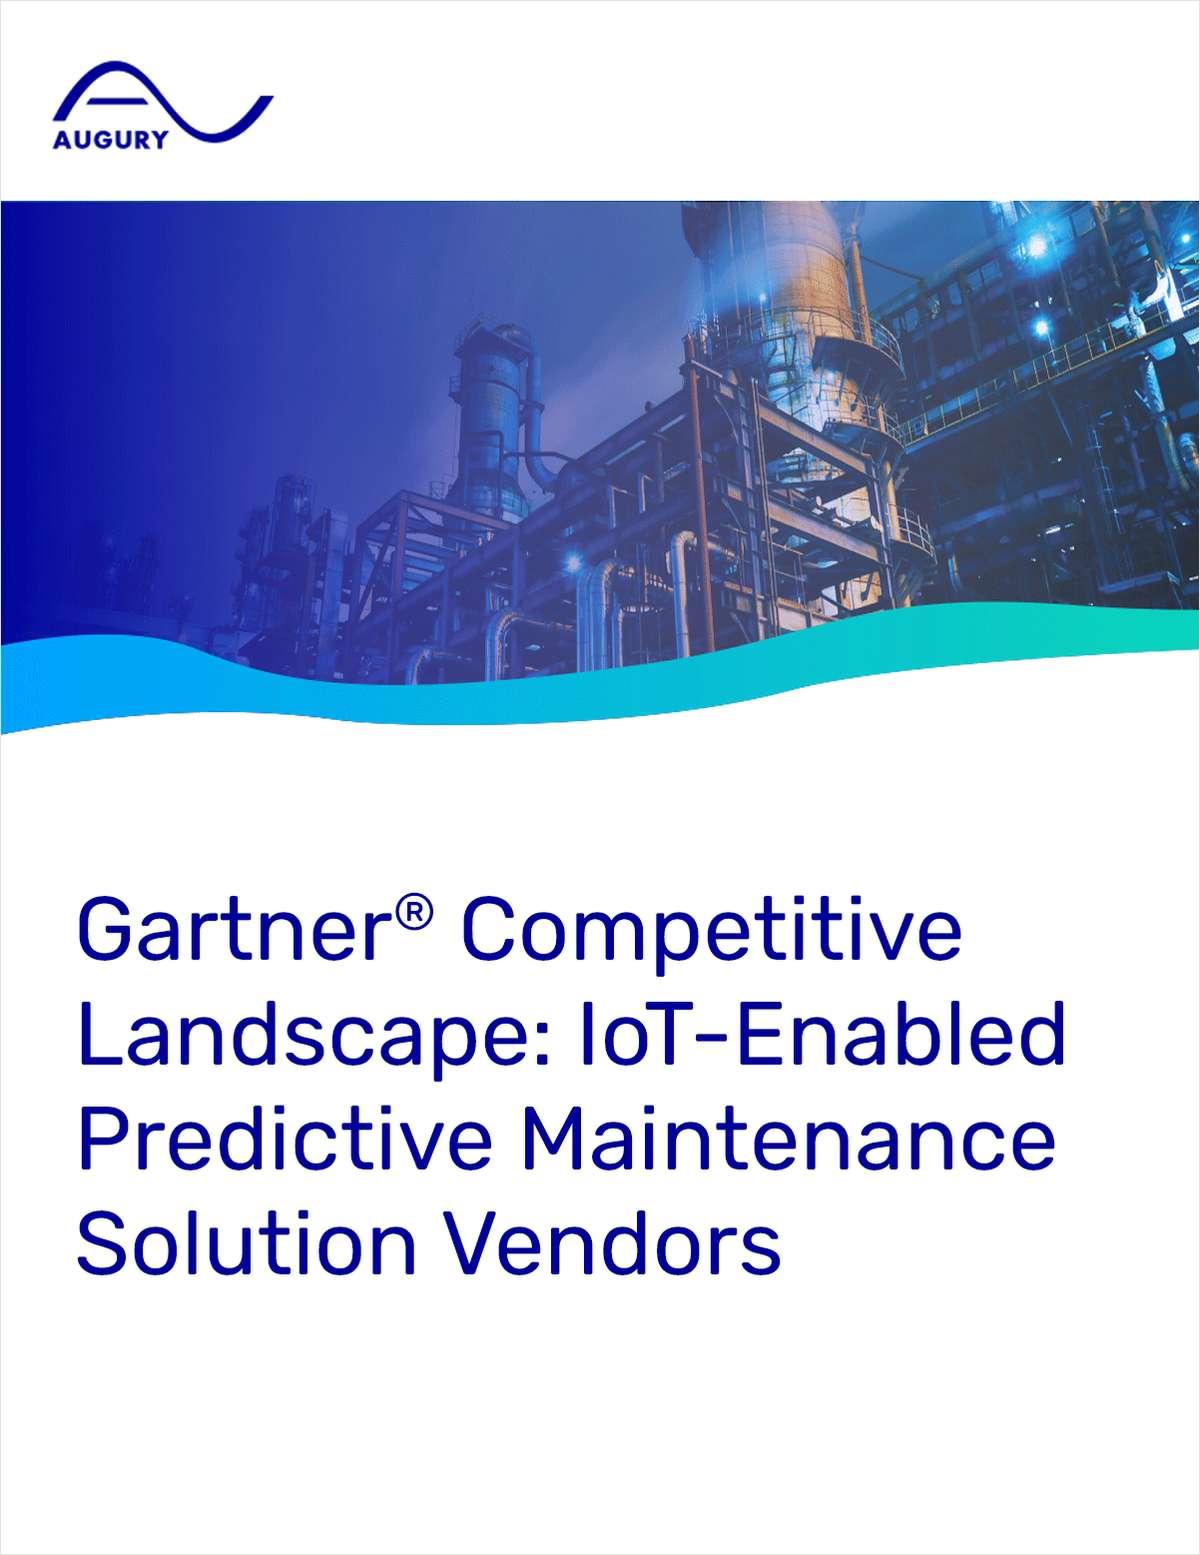 Gartner® Competitive Landscape: IoT-Enabled Predictive Maintenance Solution Vendors